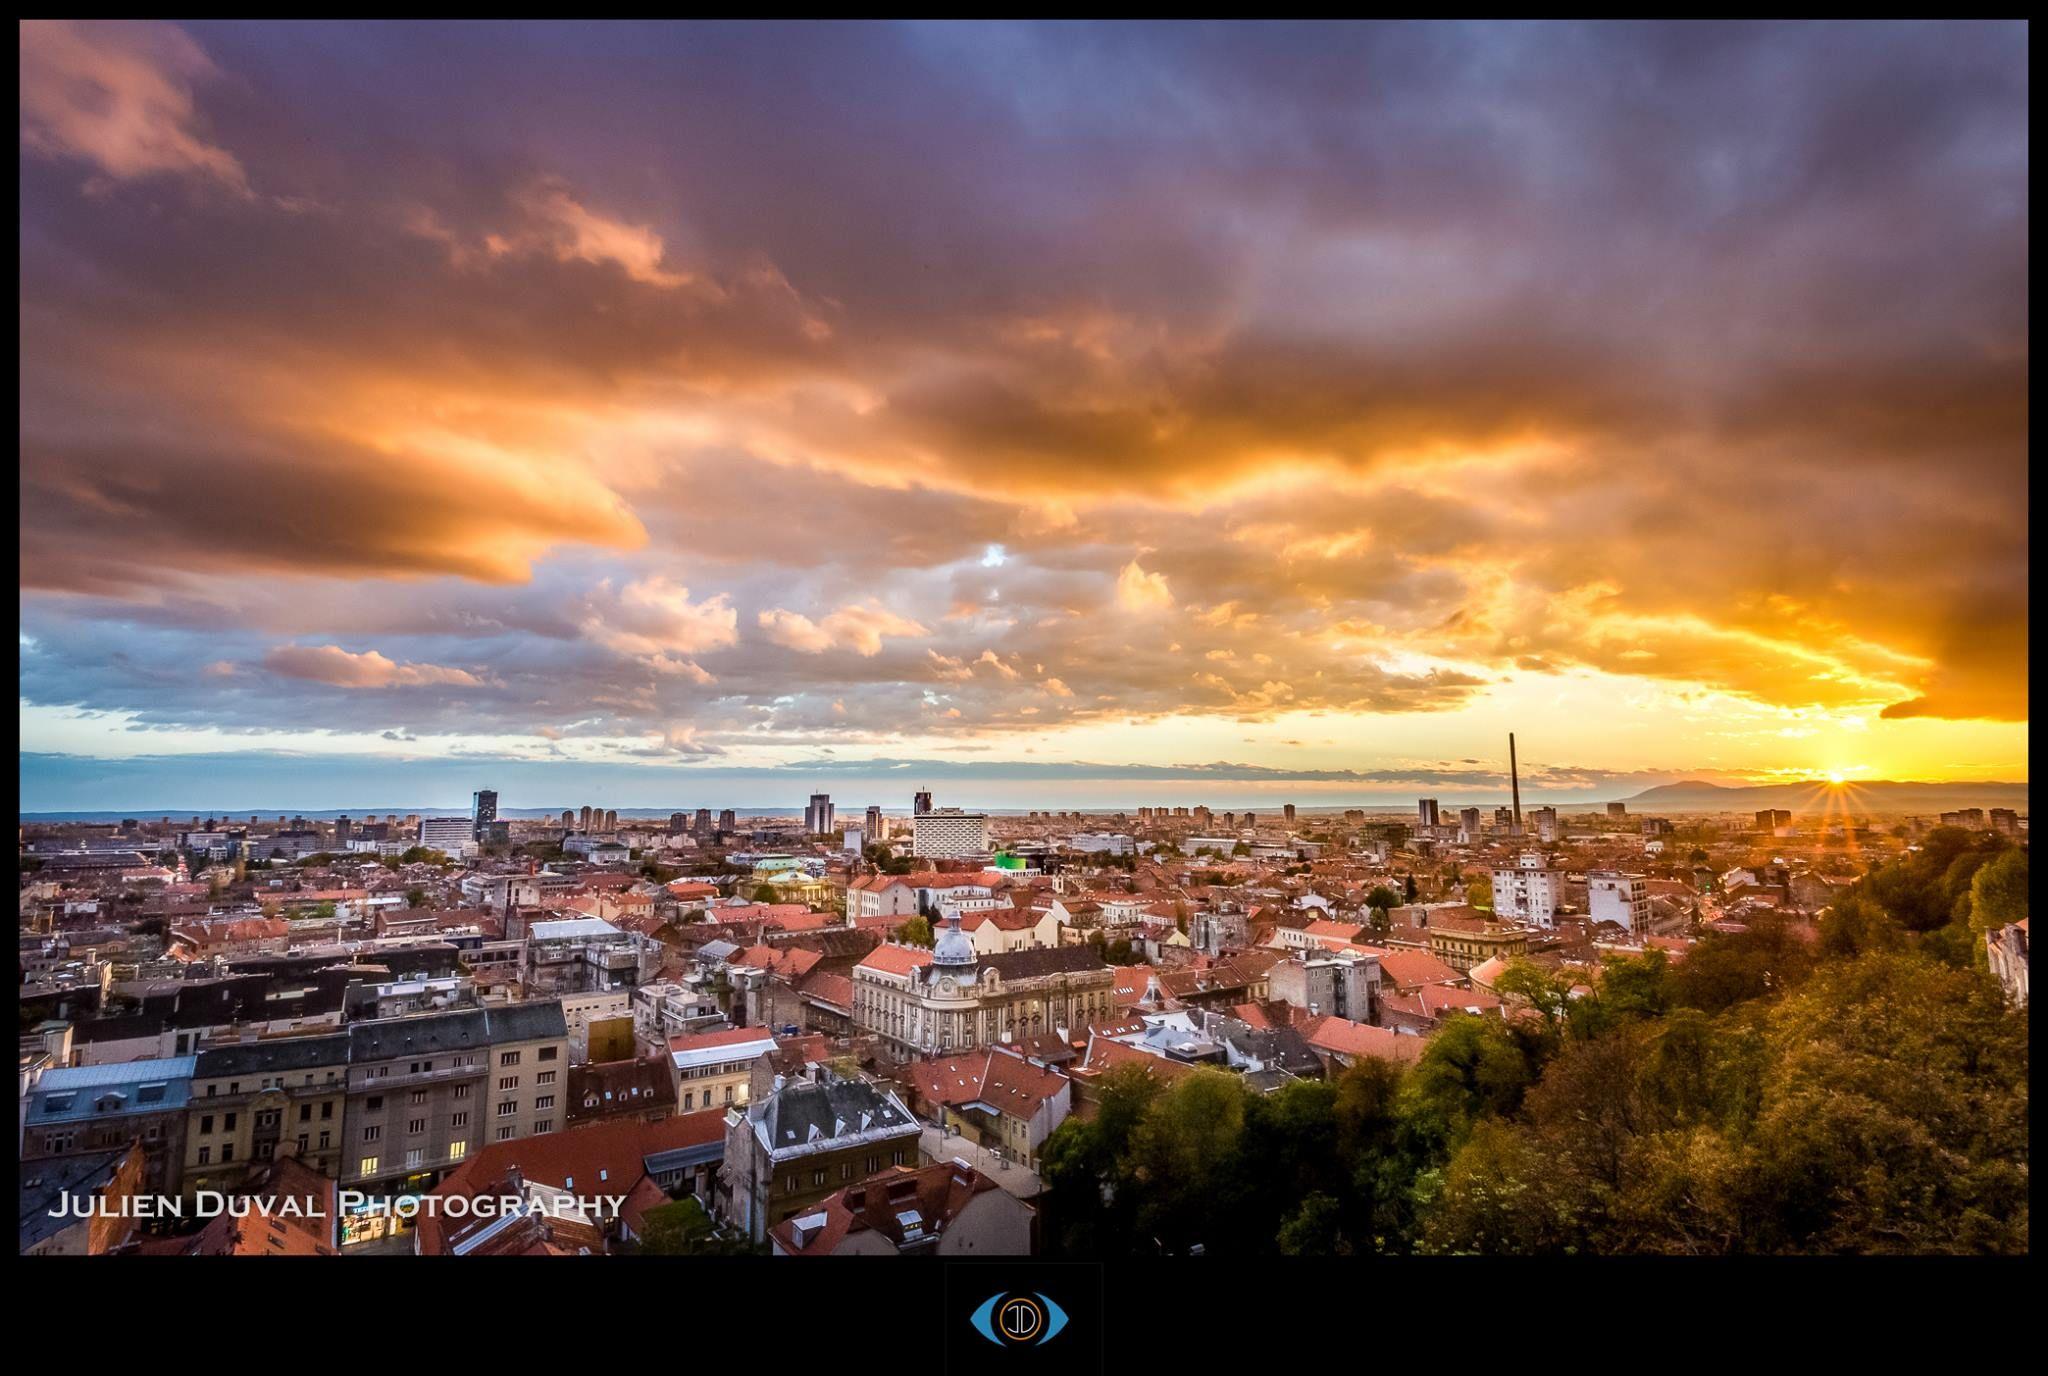 Za Nikaj Na Svetu Ja Menjal Te Ne Bi Photo C Julien Duval Zagrebfacts Zagreb Zg Agram Sunset Skyporn Zagreb Most Beautiful Cities Zagreb Croatia